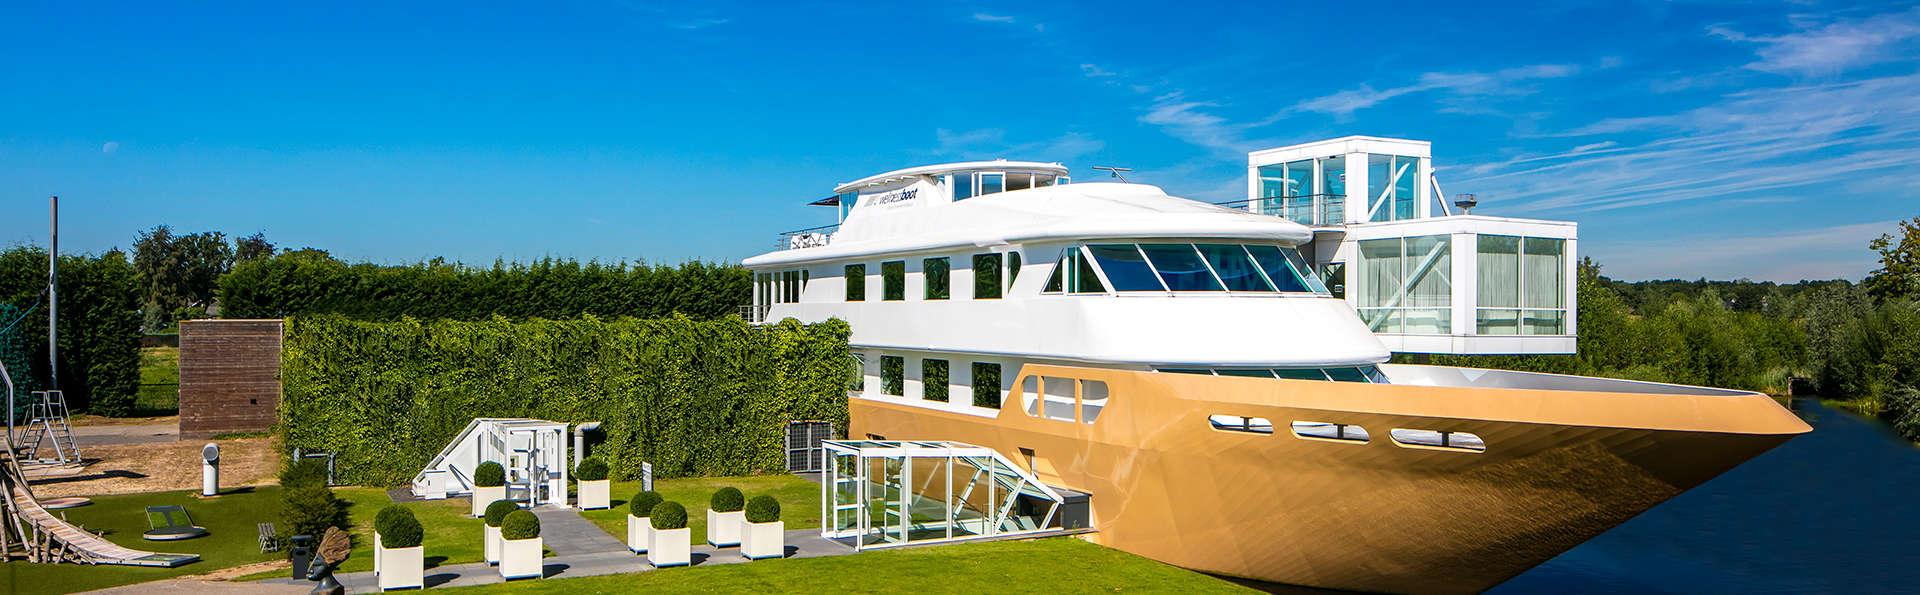 Lâchez prise sur un bateau aménagé en centre de bien-être dans le Brabant (NL)